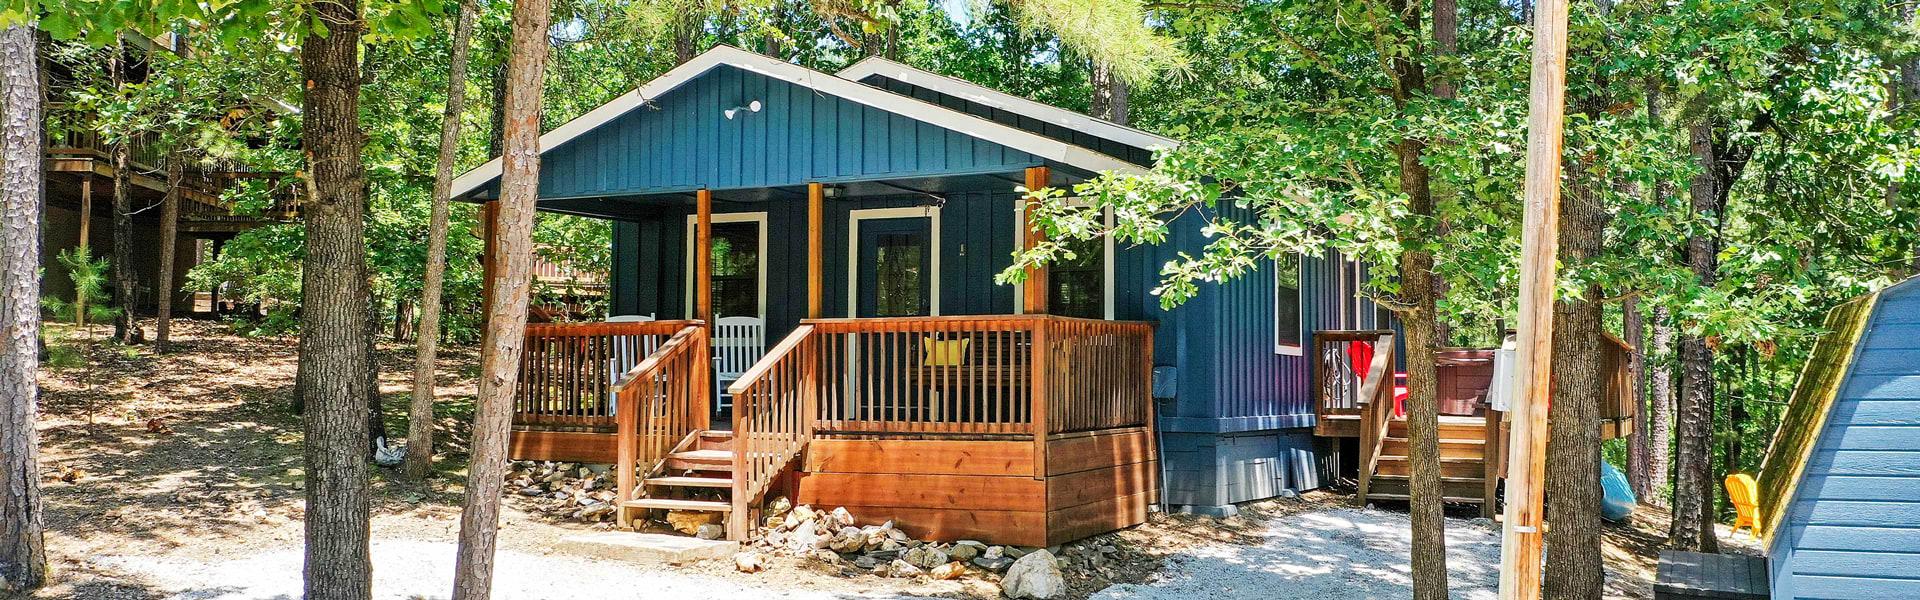 A cabin in Broken Bow, OK.